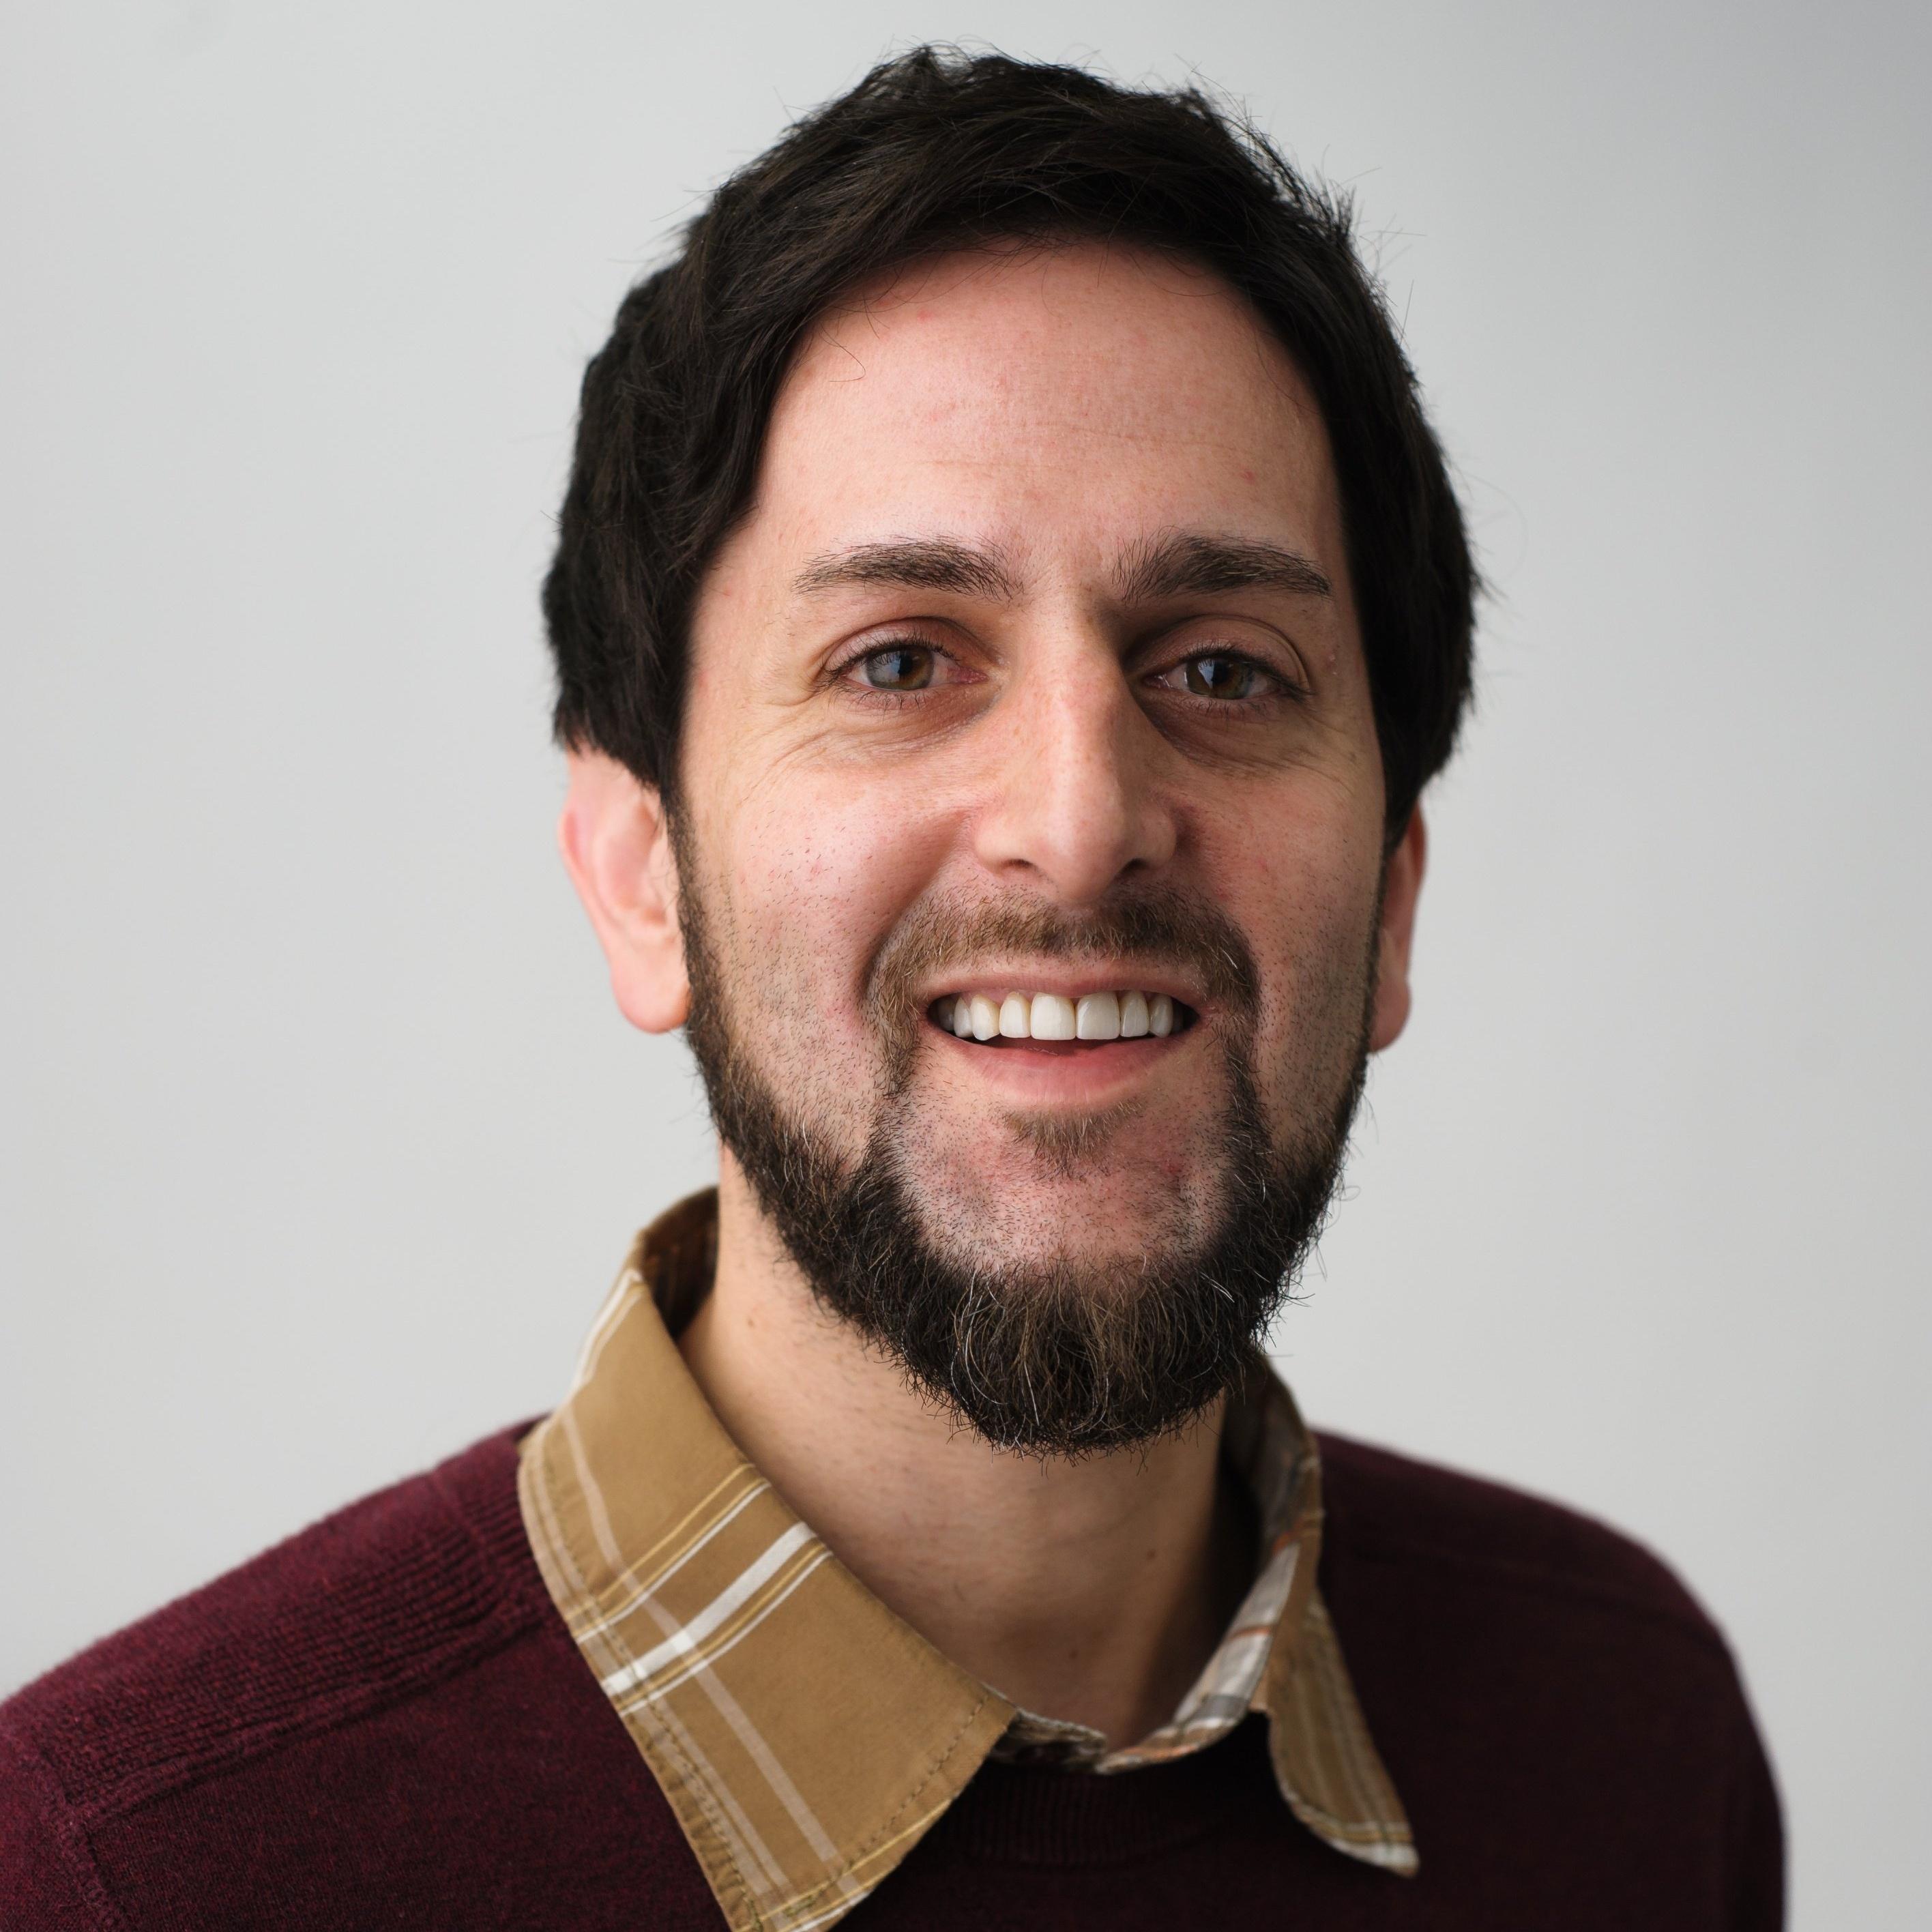 Adam Vasey Headshot